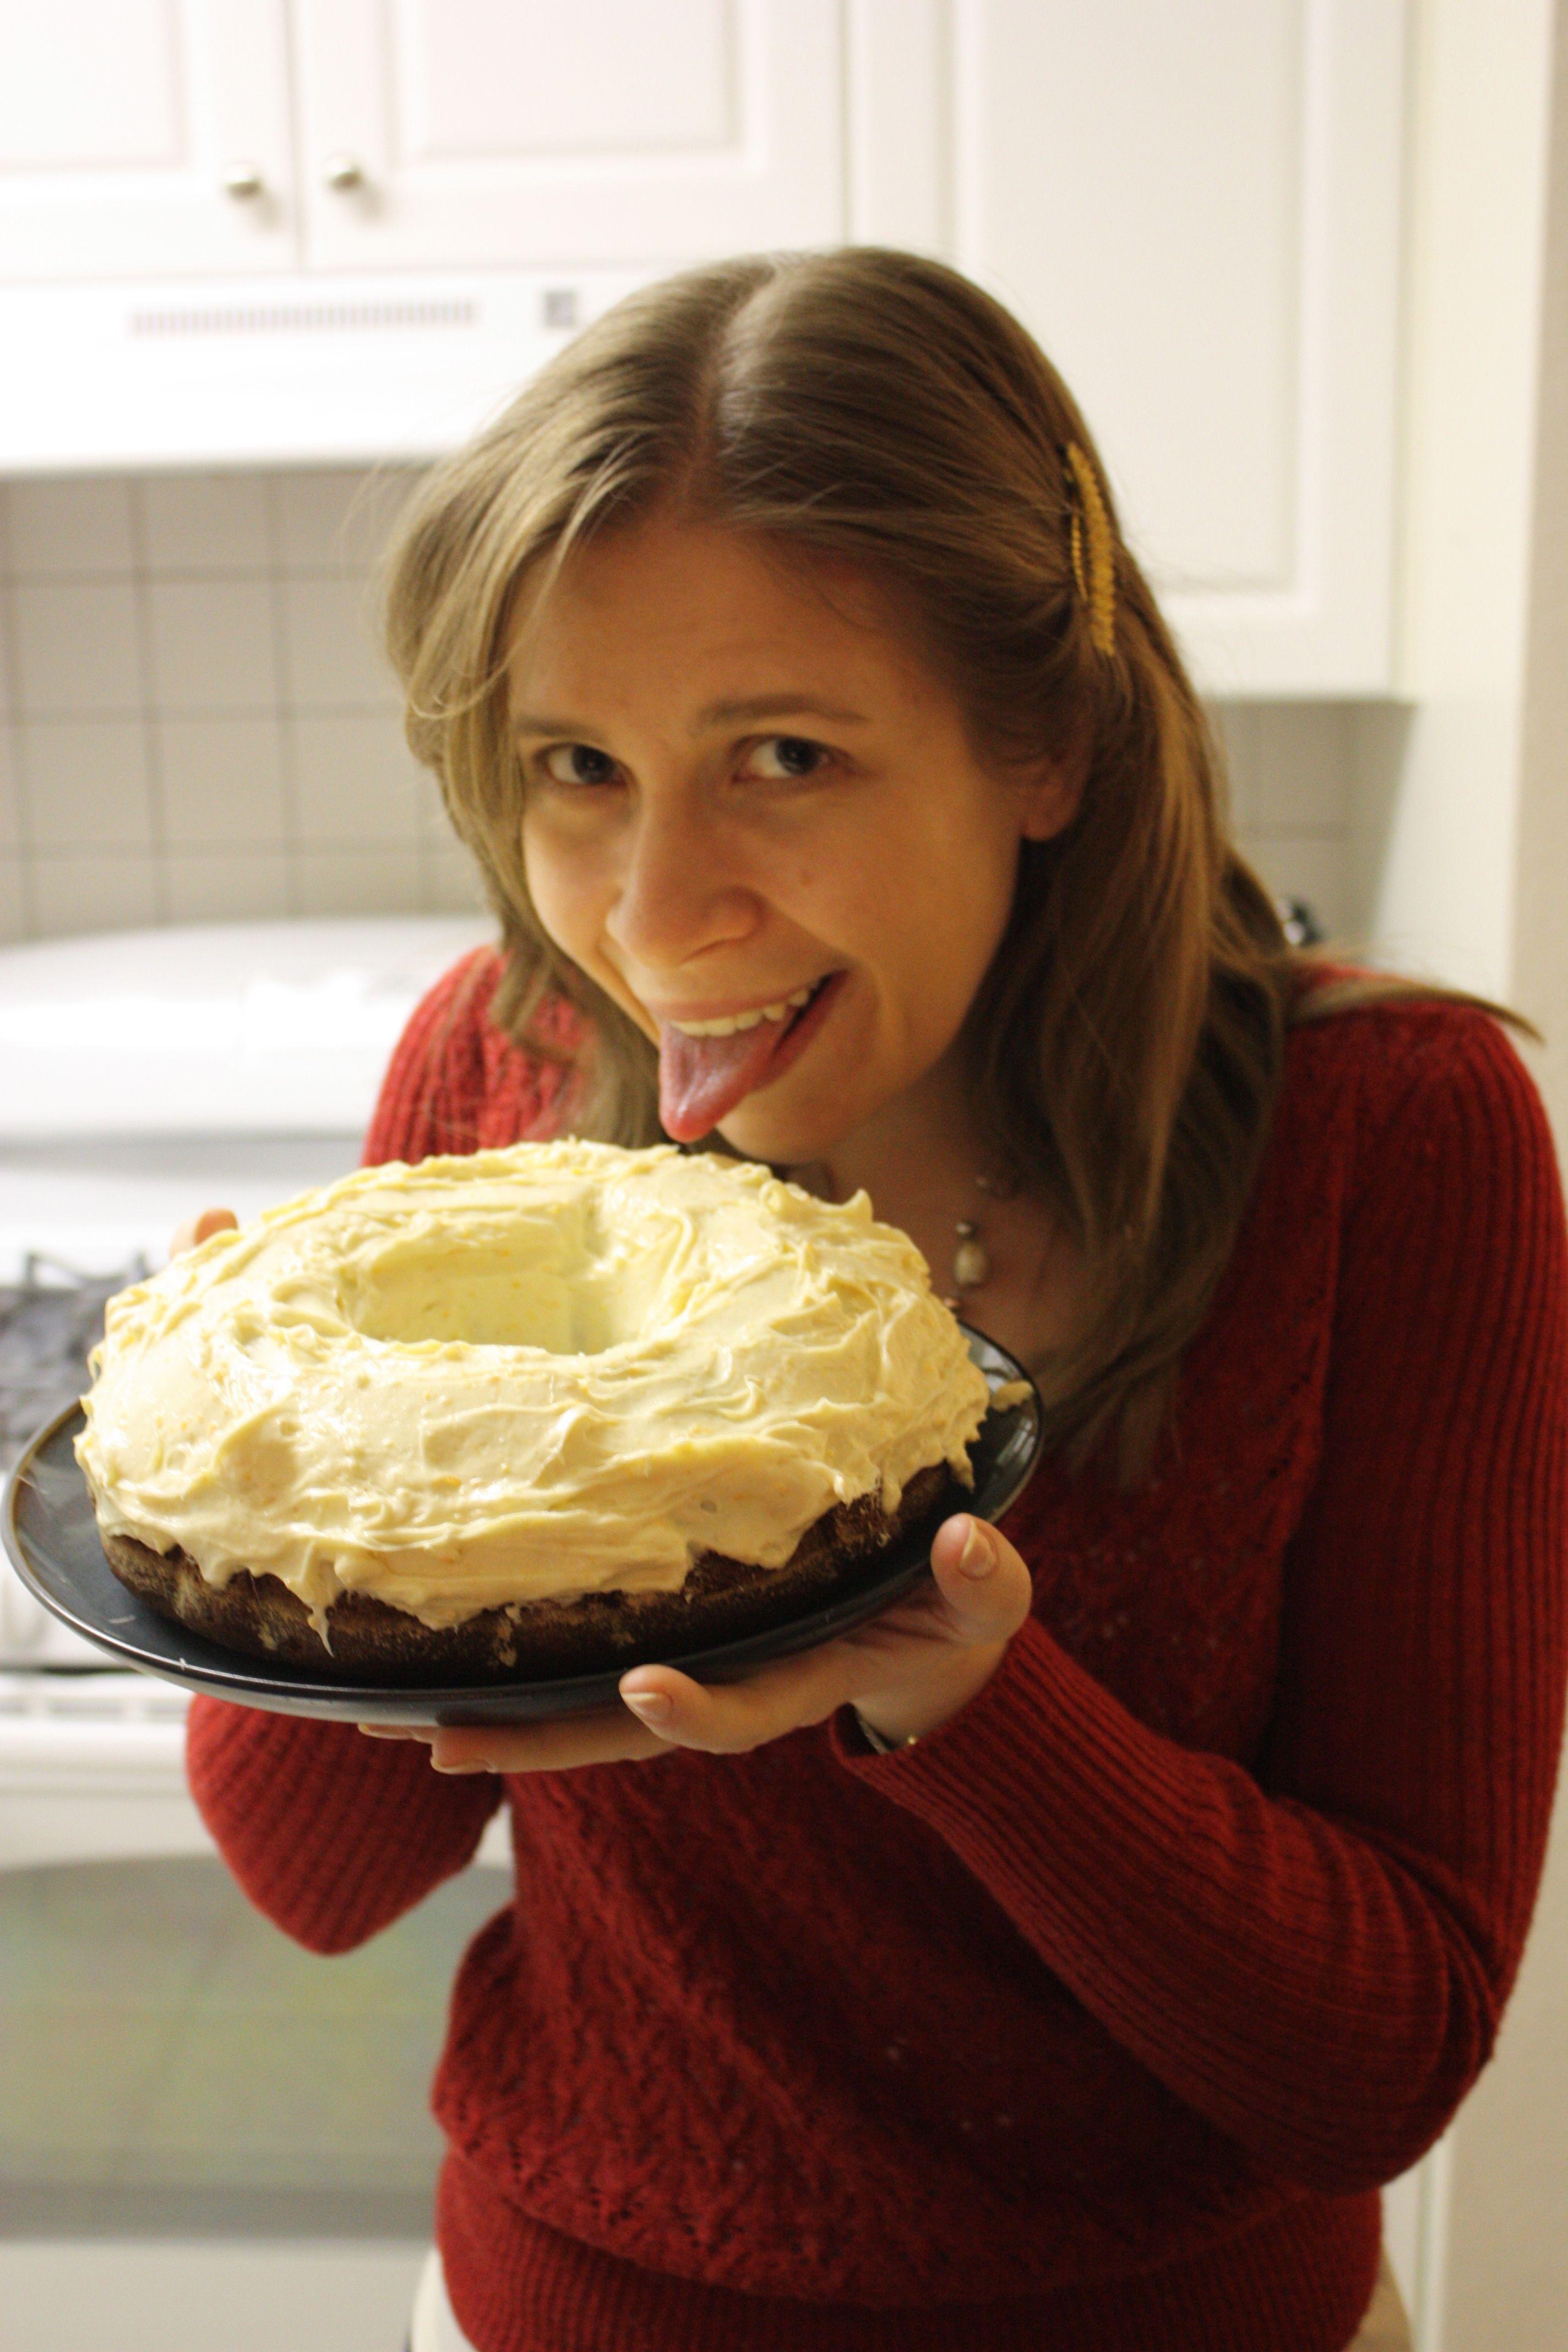 Karen with a delicious cake